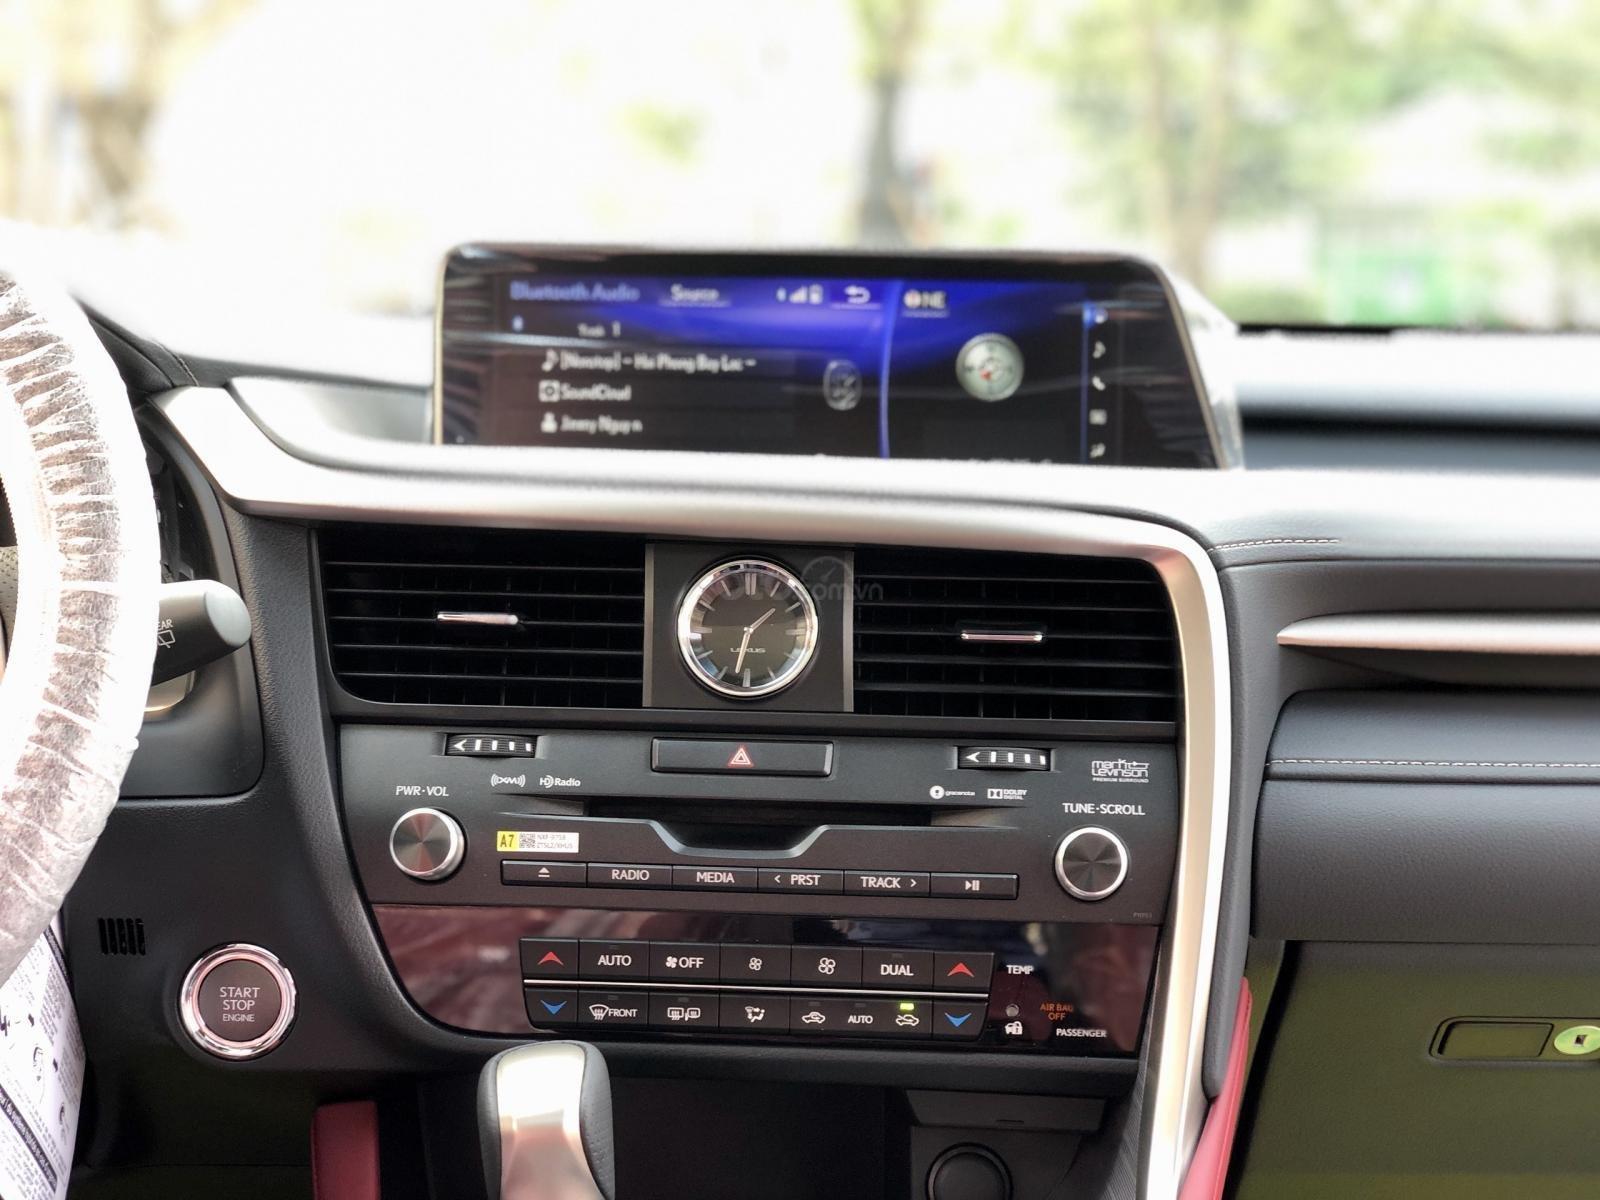 Bán Lexus RX 350 Fsport năm 2020, nhập Mỹ giao ngay toàn quốc, giá tốt, LH Ms Hương 094.539.2468 (12)